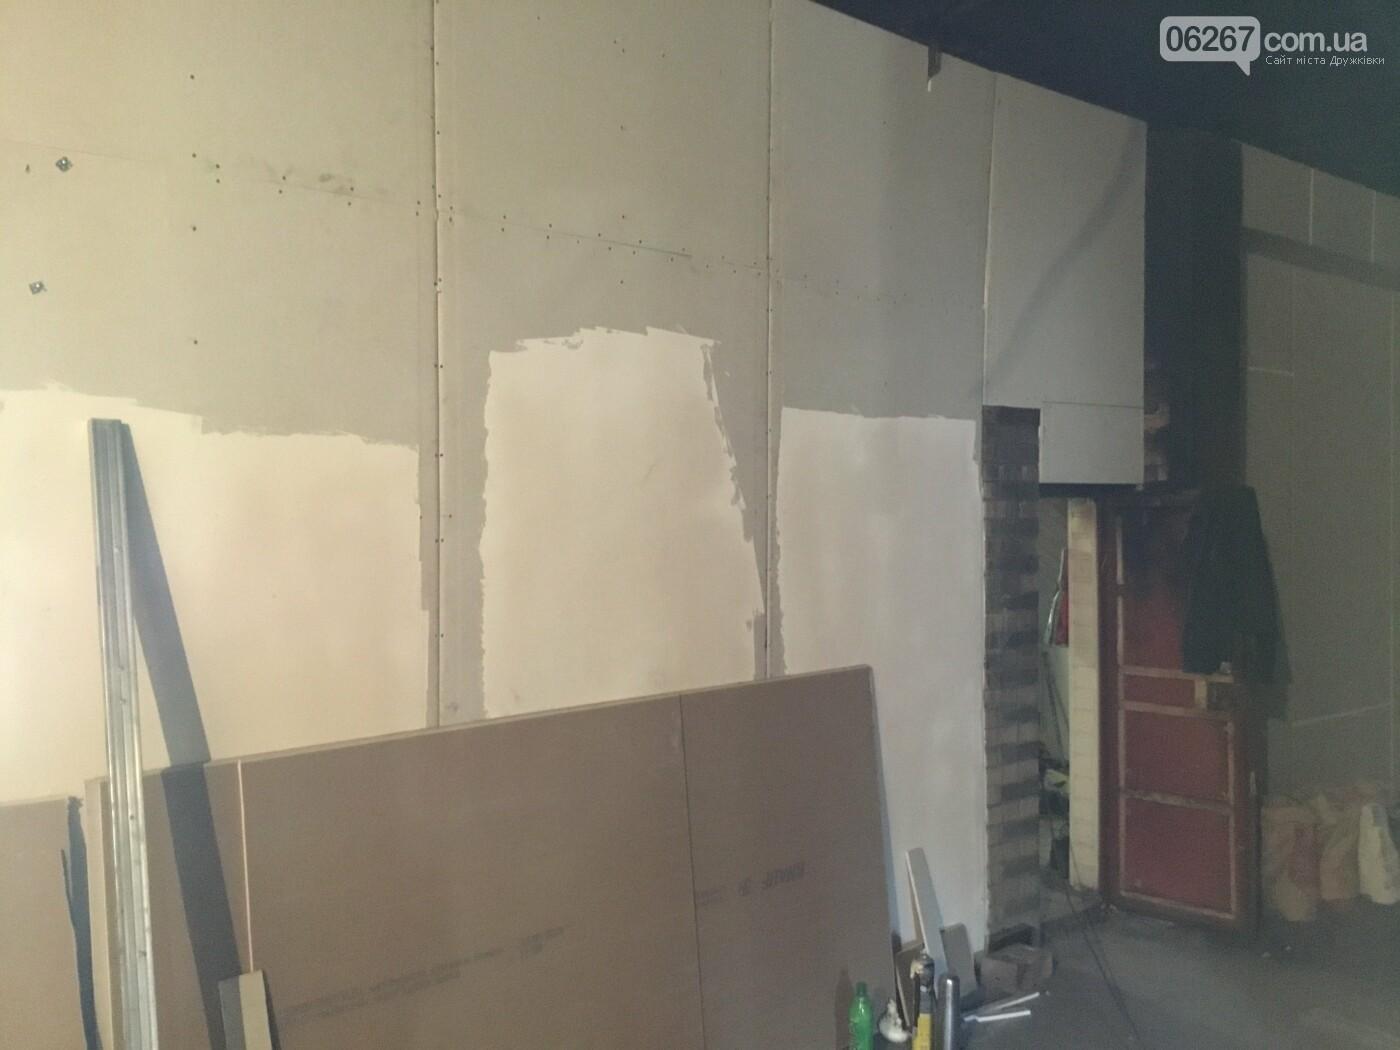 Дружковка: Как выглядит «Магнат» спустя месяц после пожара (ФОТО), фото-9